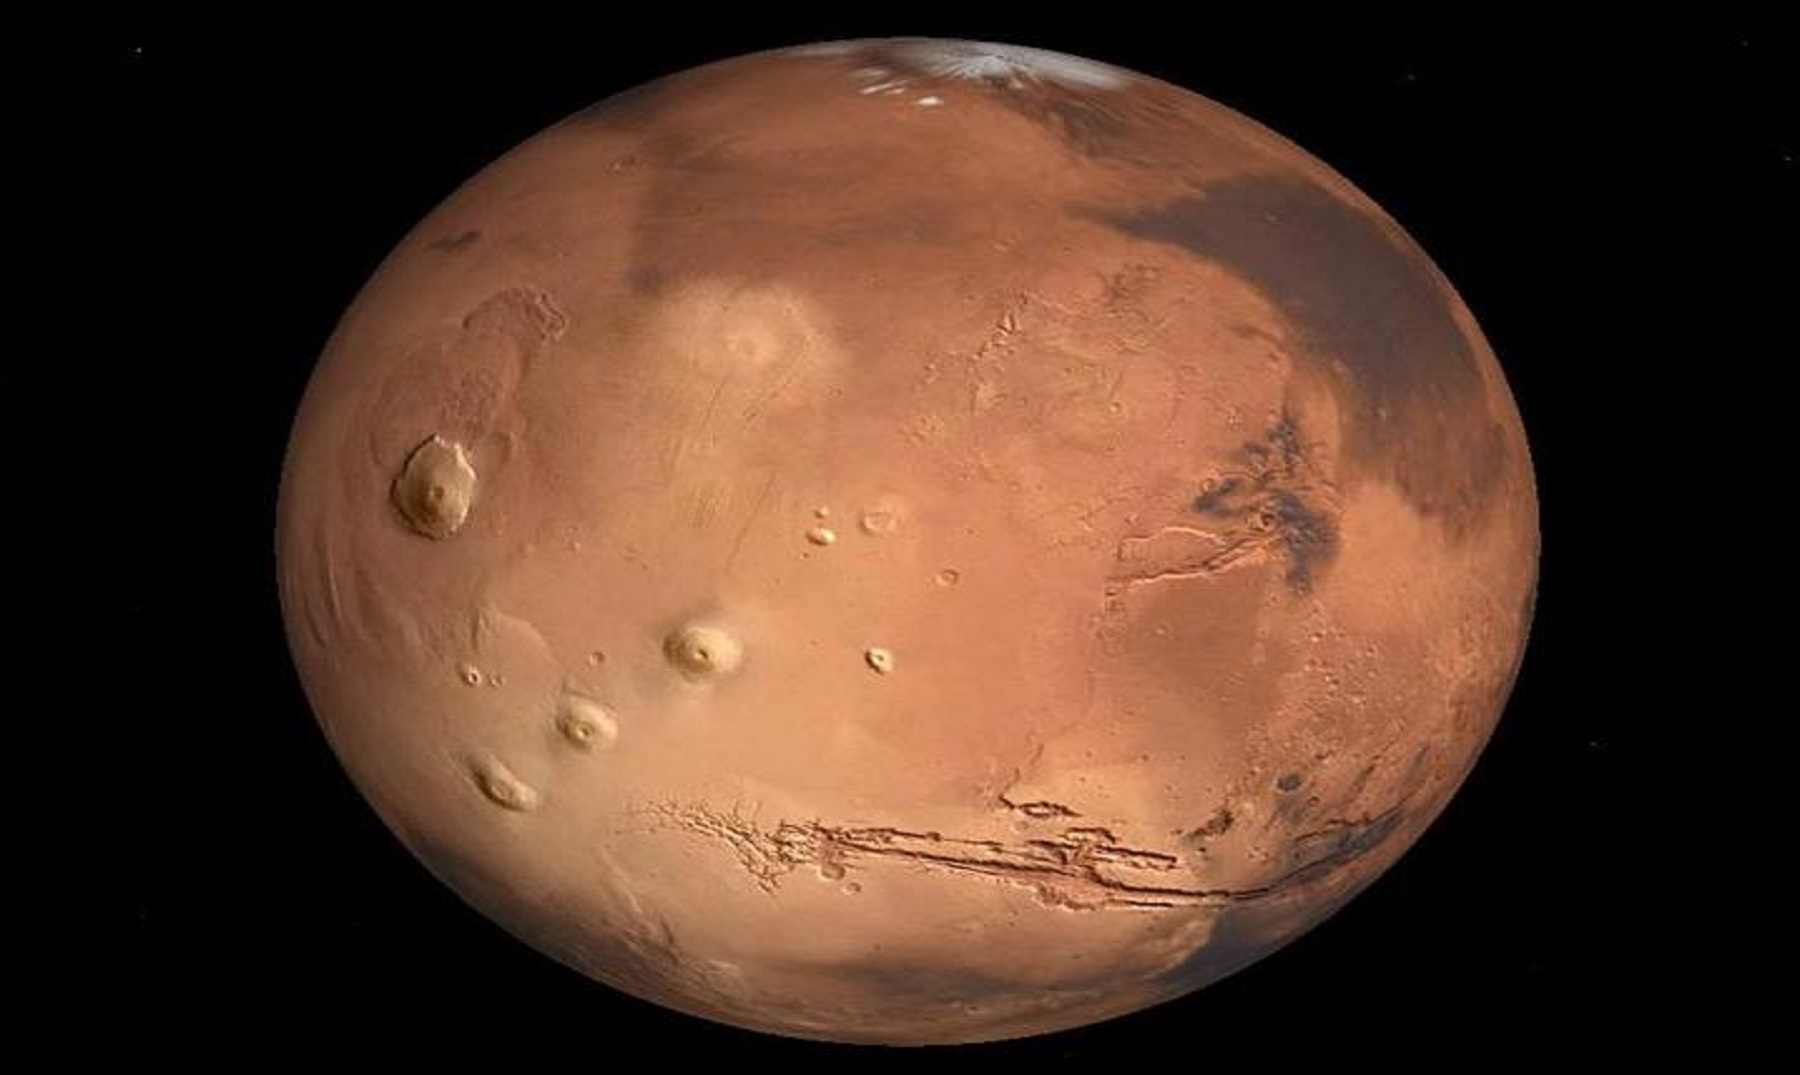 Si viajas a Marte puedes envejecer más rápido